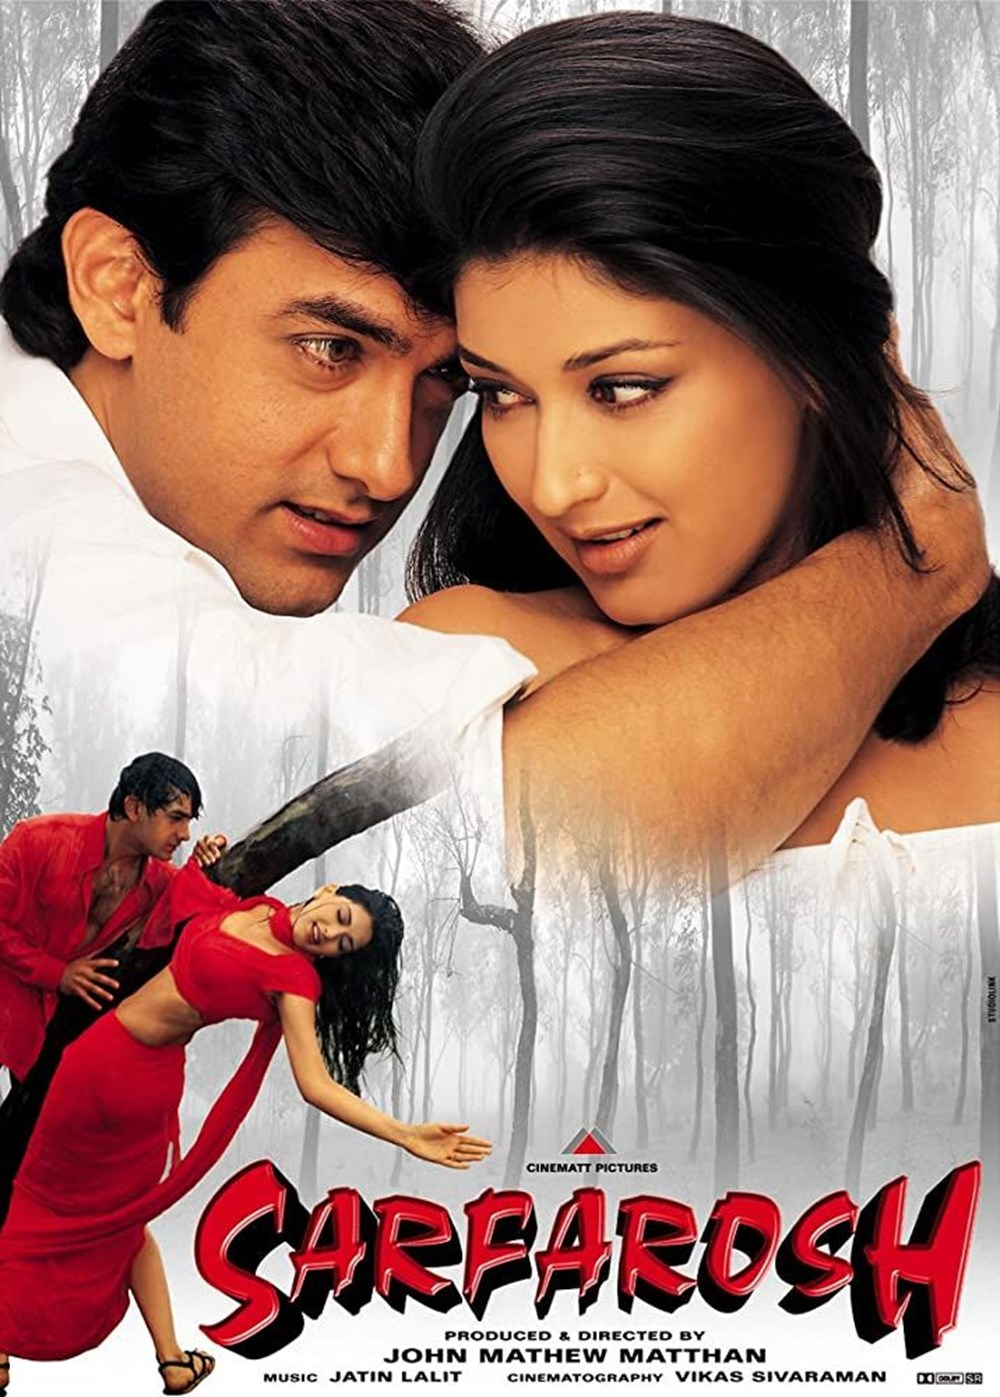 En iyi Aamir Khan filmleri (Aamir Khan'ın izlenmesi gereken filmleri) - 20